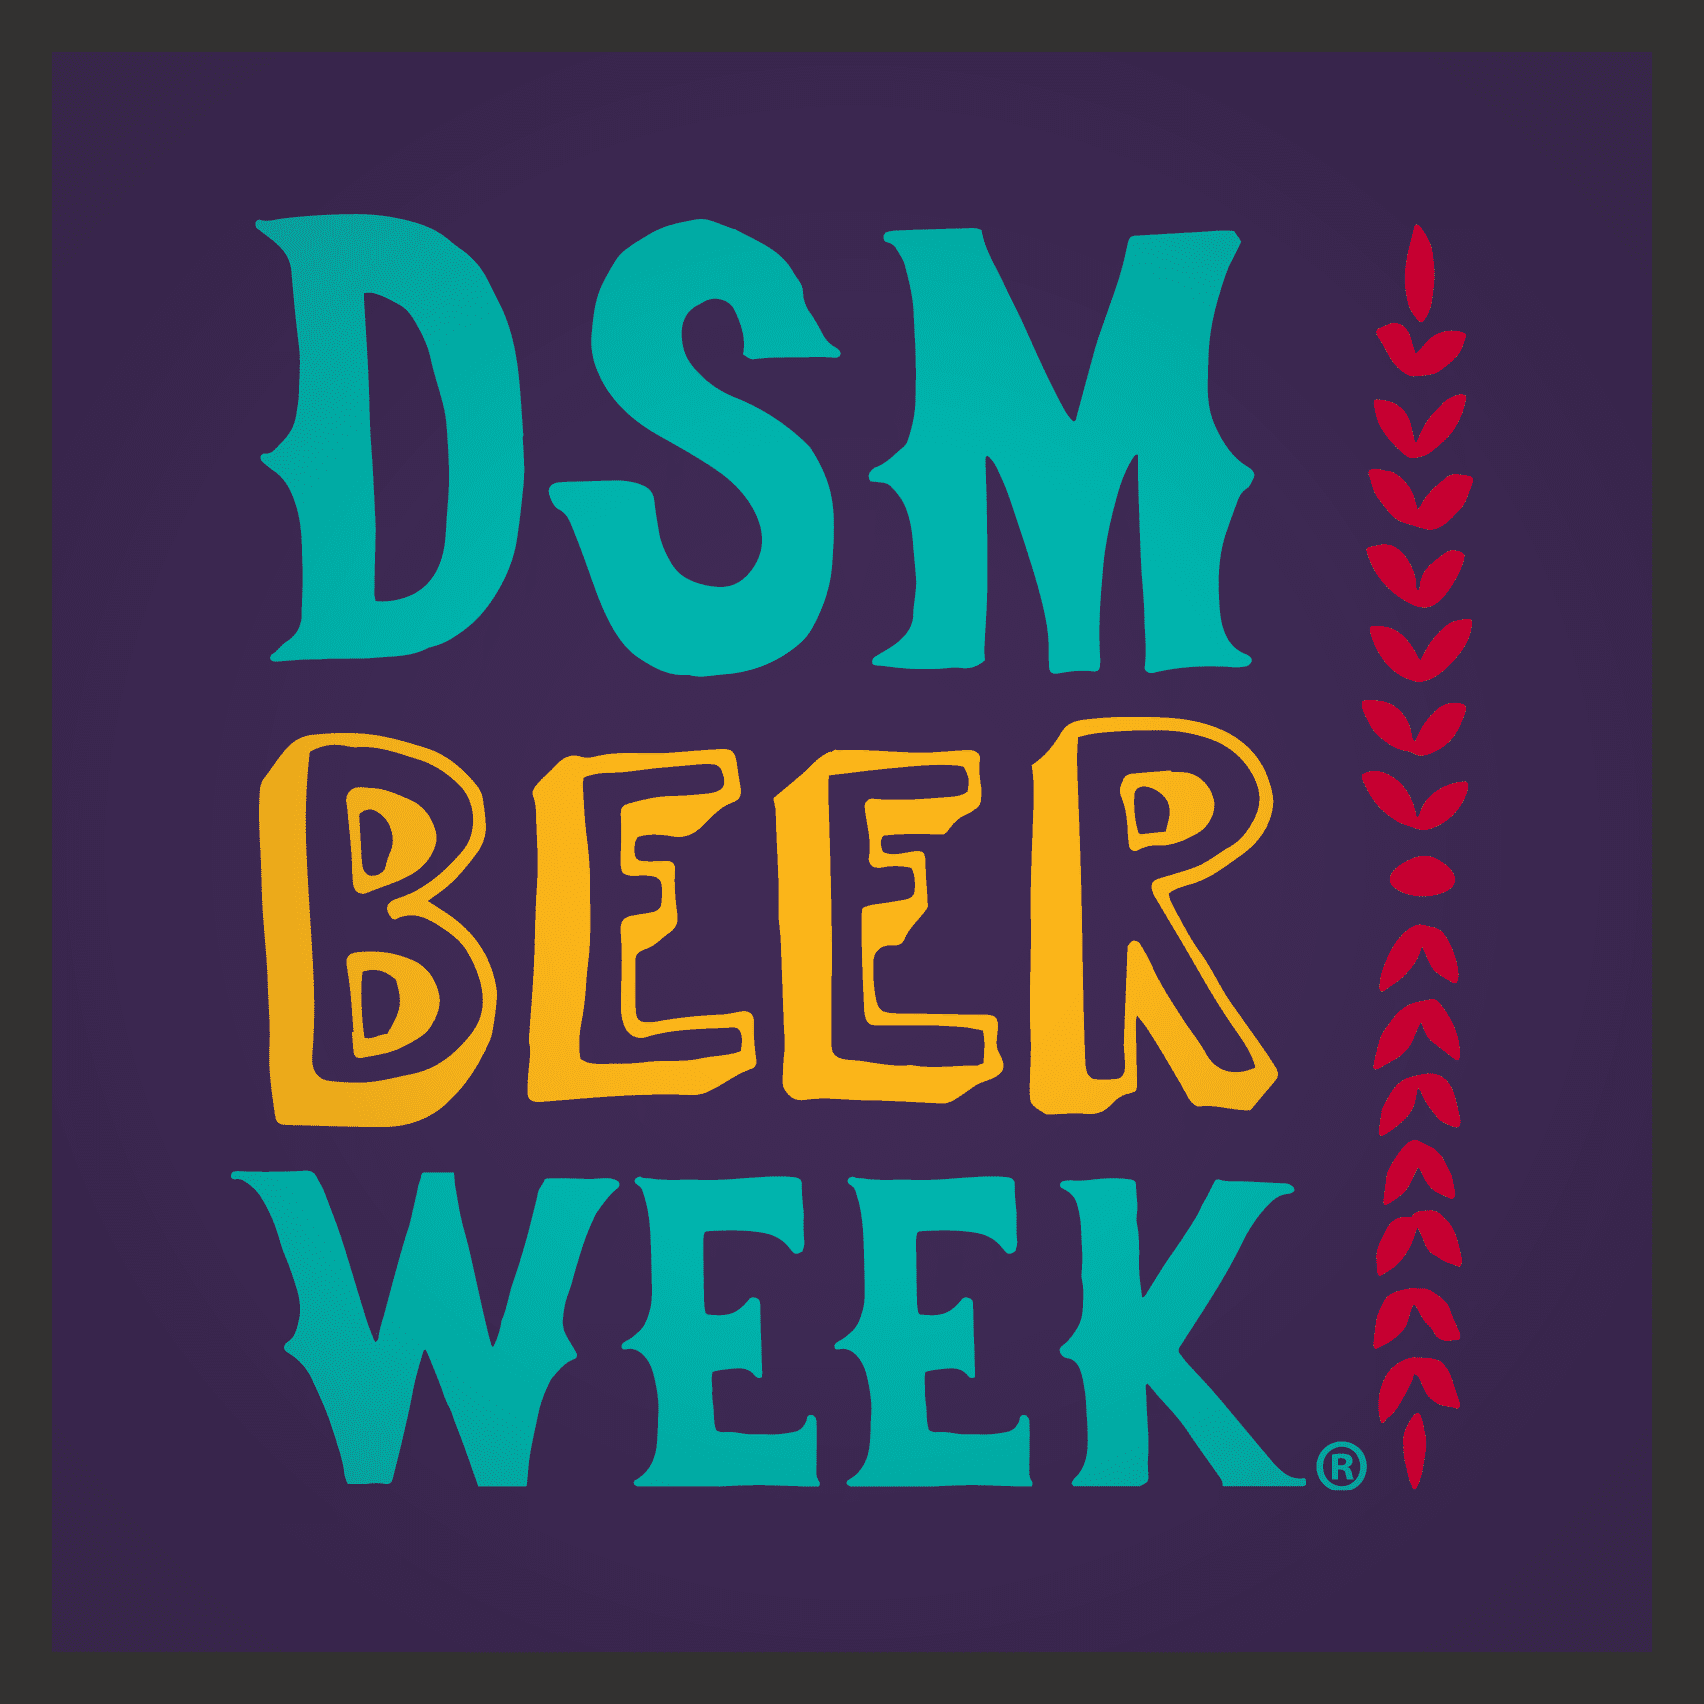 Des Moines Beer Week | 2017